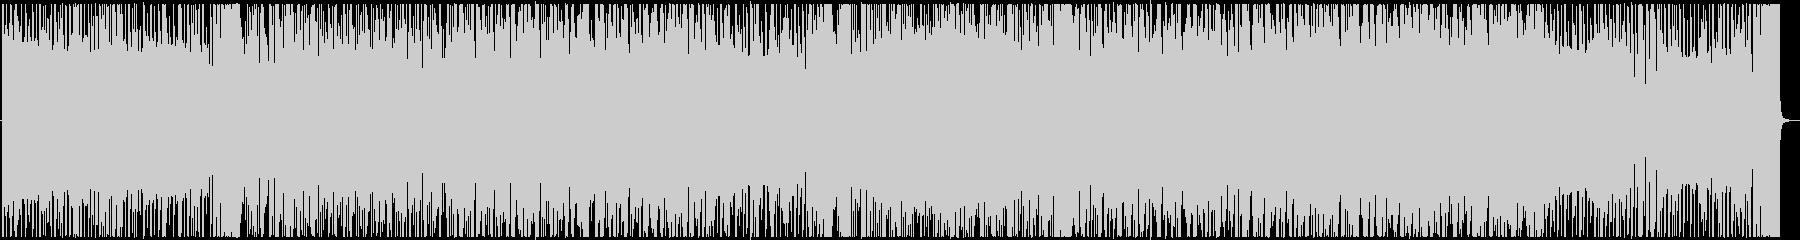 スリリングなEDMゲーム映像にの未再生の波形